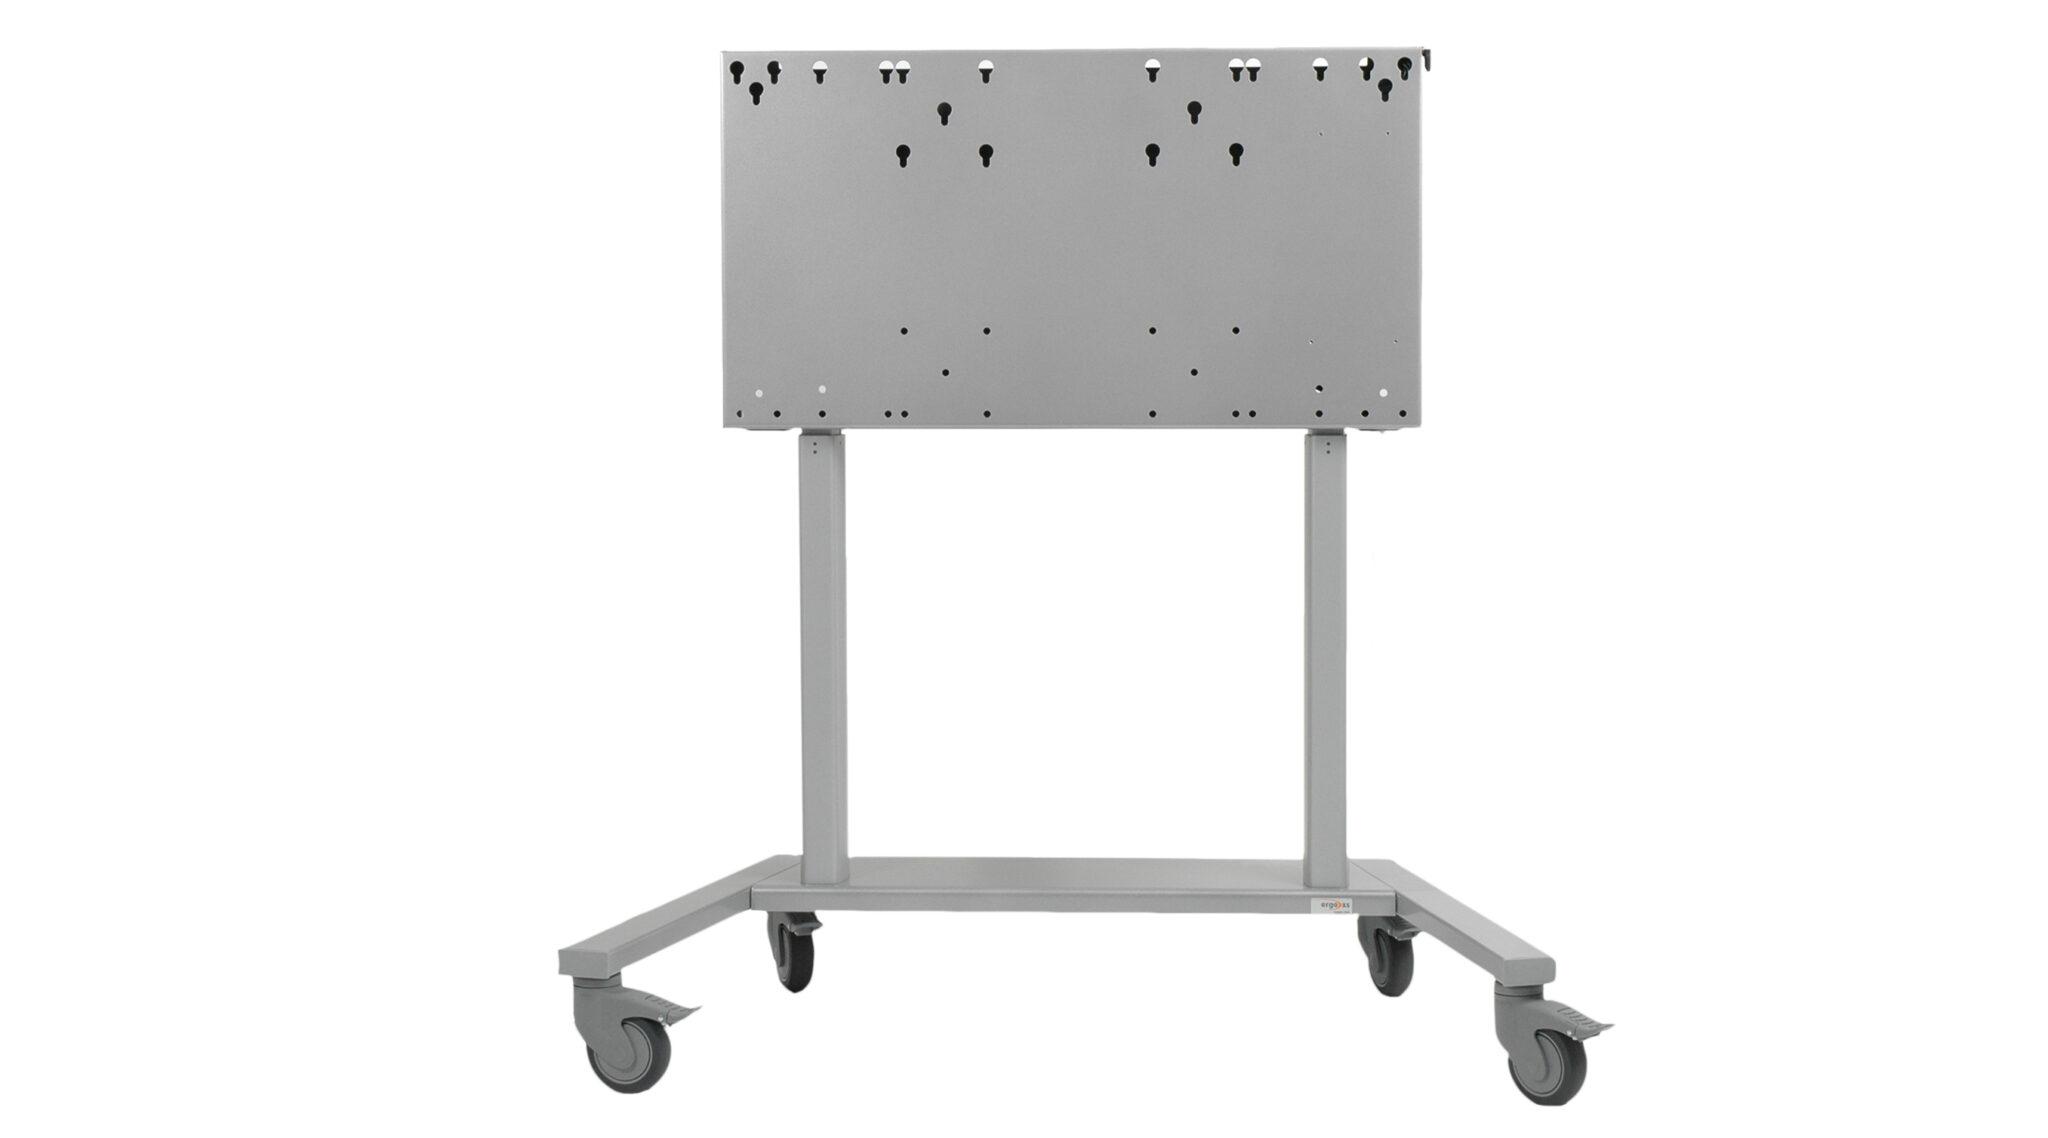 SMART Board verrijdbaar onderstel large format display trolley scherm verrijdbaar maken